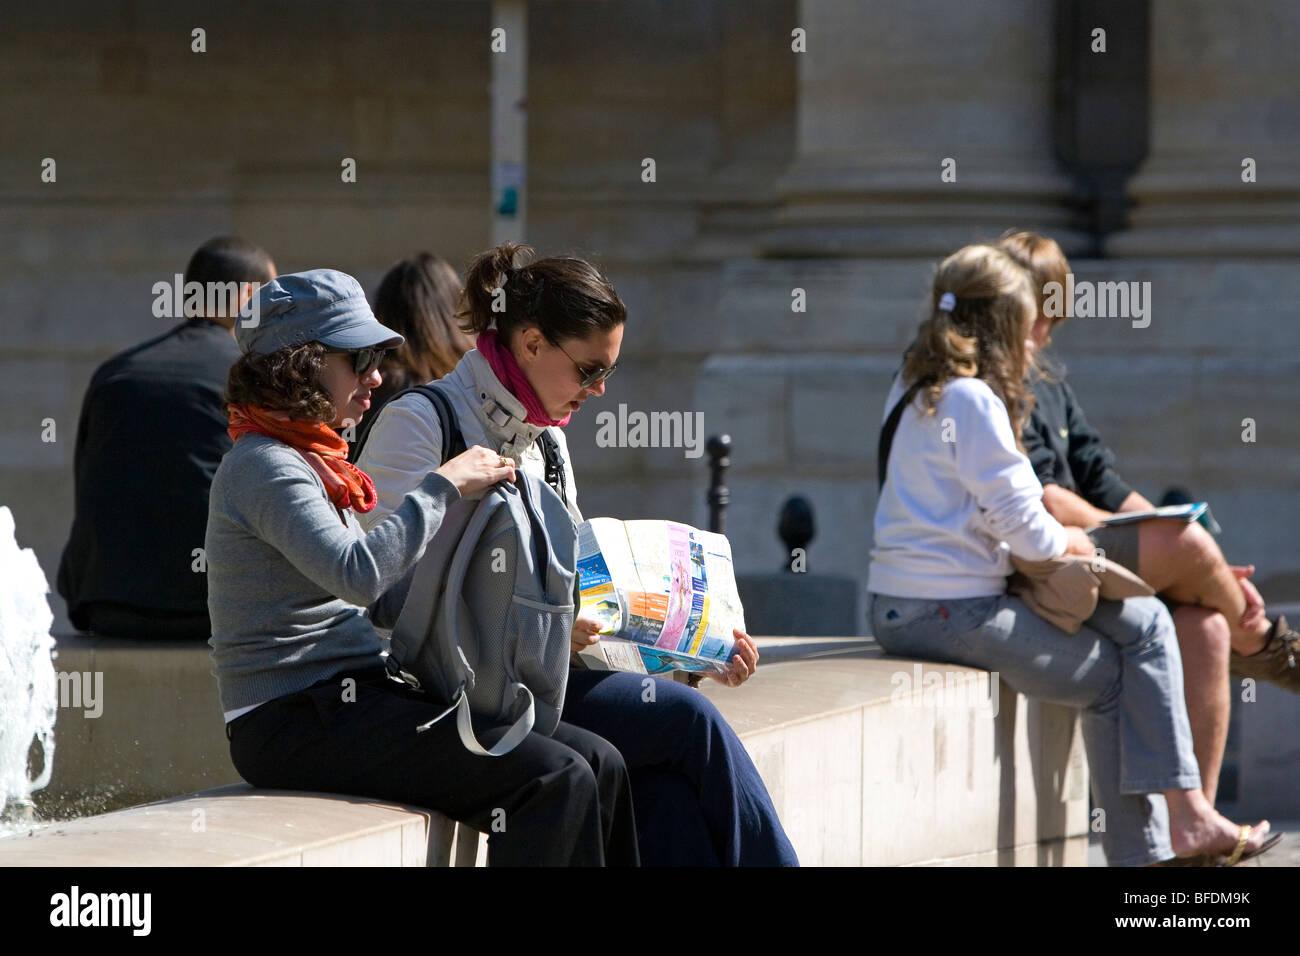 Los estudiantes estudian cerca de la Sorbona, en París, Francia. Imagen De Stock